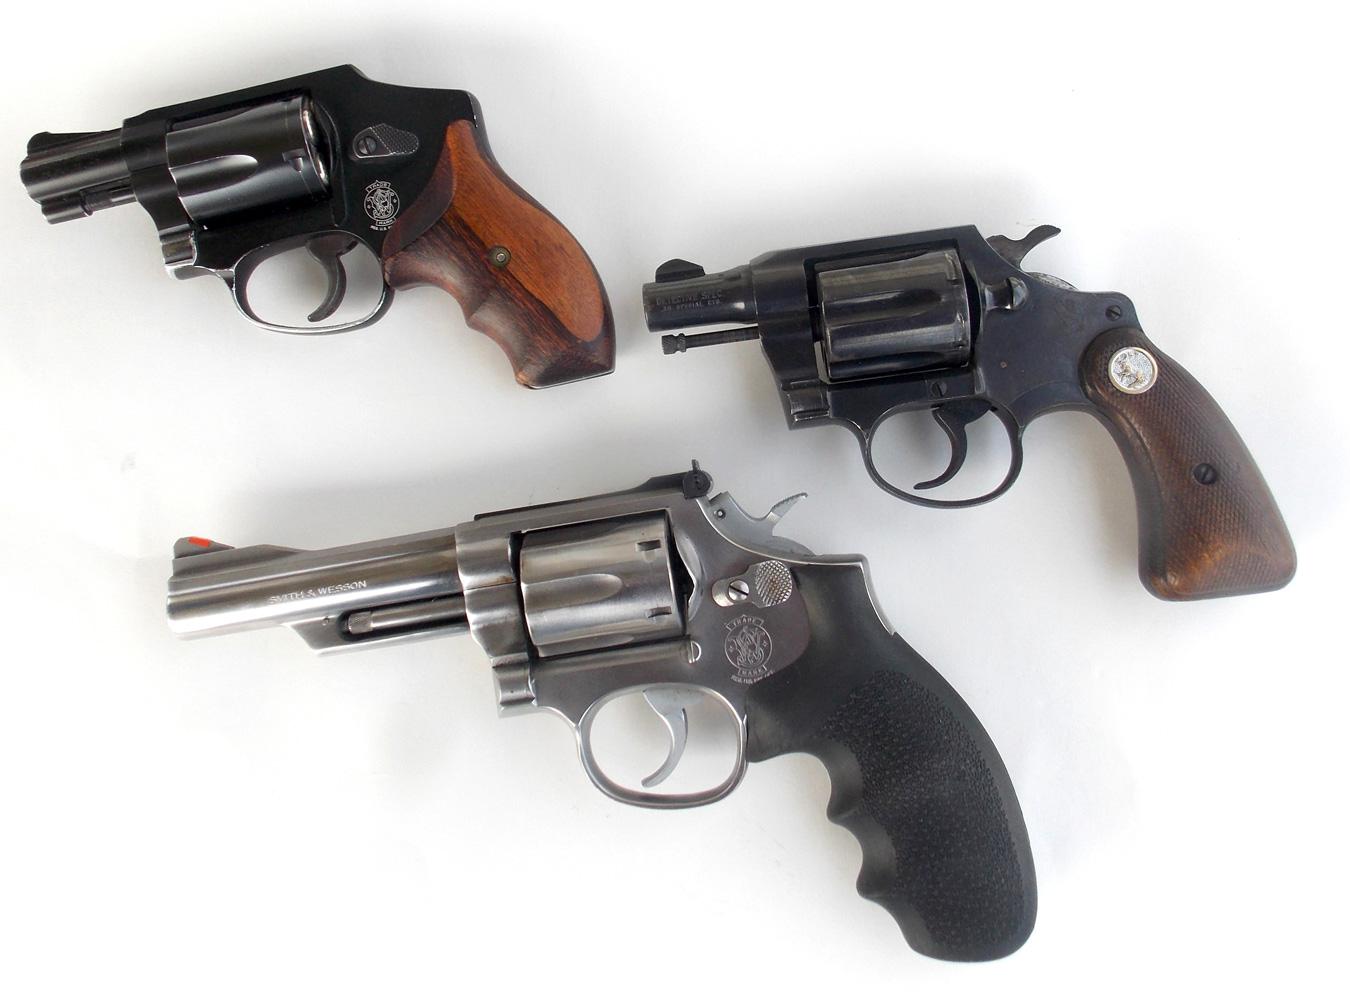 3 revolvers